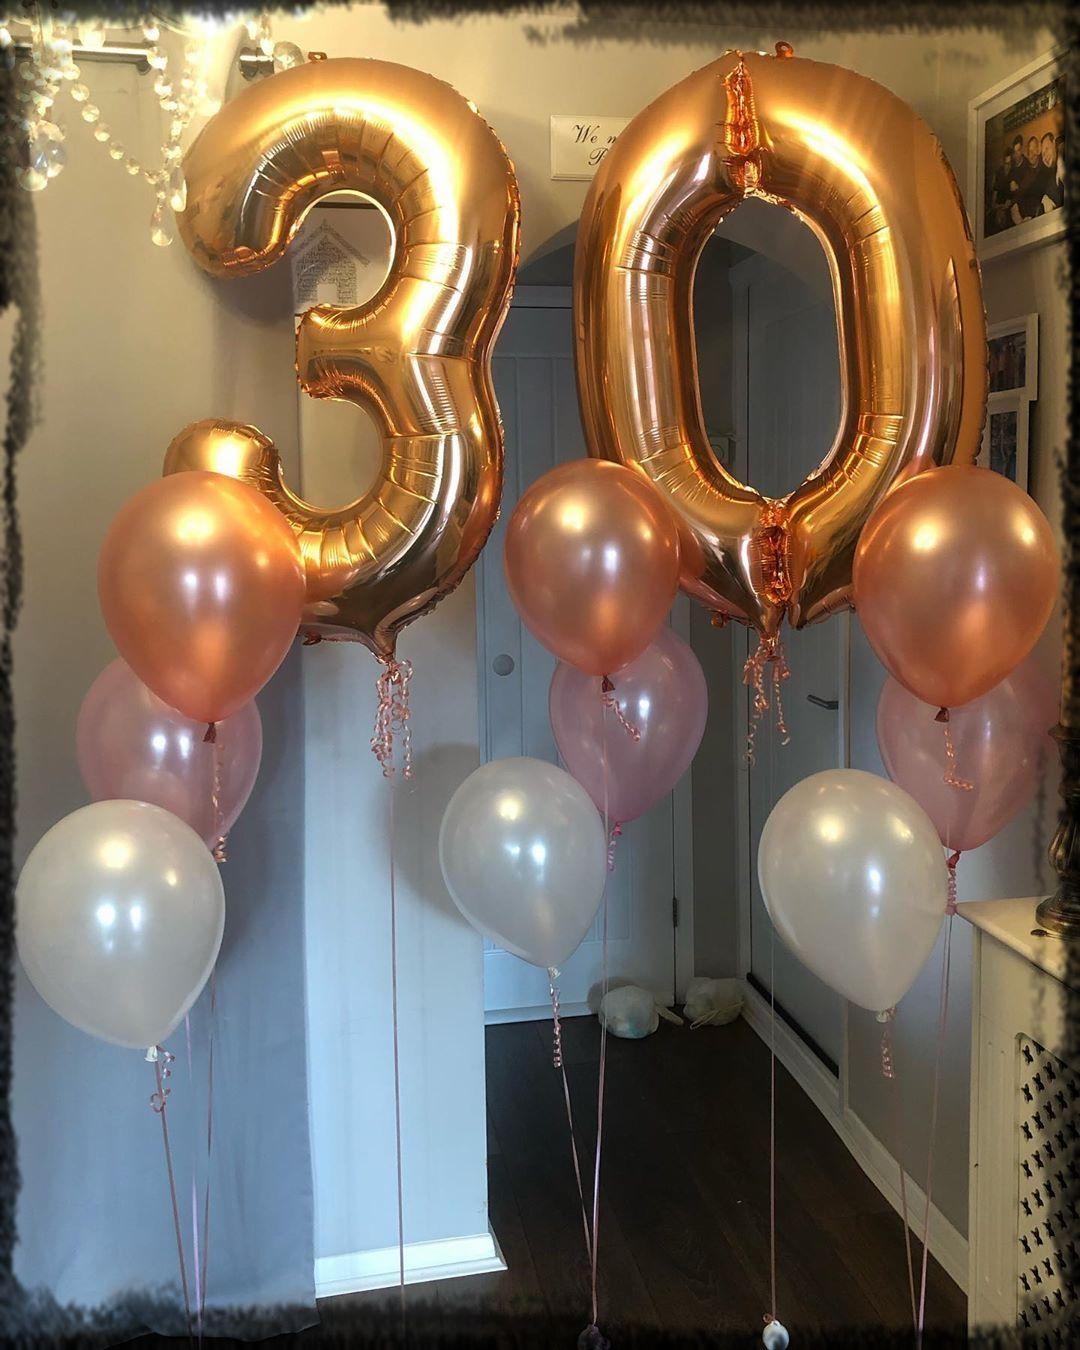 Decoration Anniversaire Ballon Anniversaire Fete Anniversaire Ballon Joyeux Anniversaire Ballon Anniversaire Chiffre Image Ball Ceiling Lights Decor Chandelier